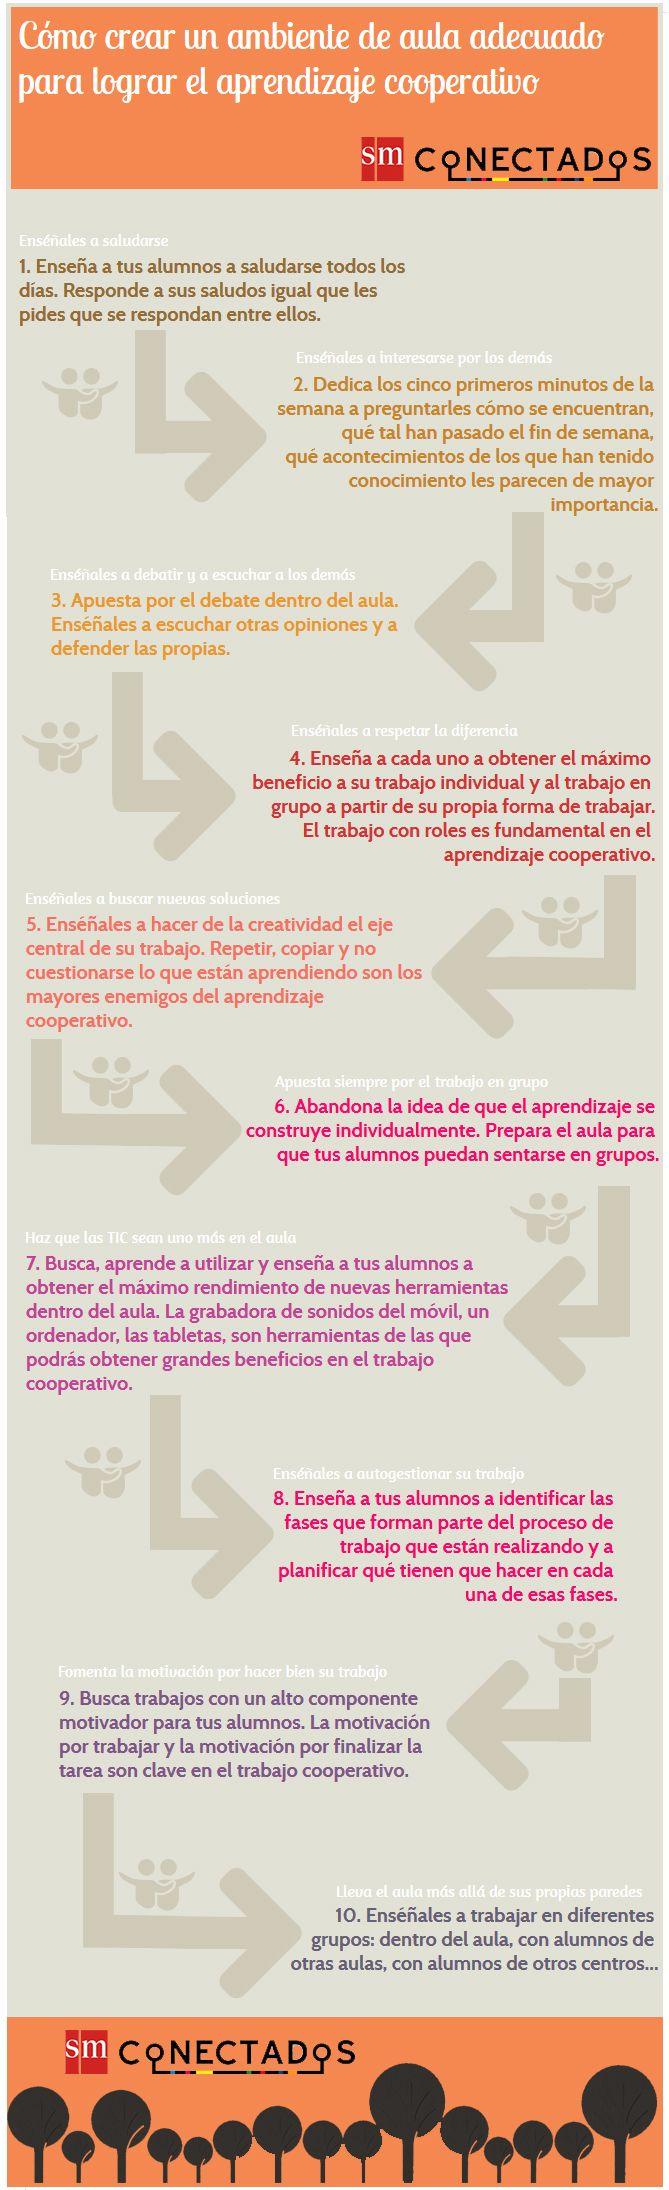 """Hola: Compartimos una infografía sobre el """"Aprendizaje Cooperativo - 10 Consejos para Promoverla en el Aula. Un gran saludo. Elaboración: SM Conectados Enlaces de interés: 5 Claves pa..."""